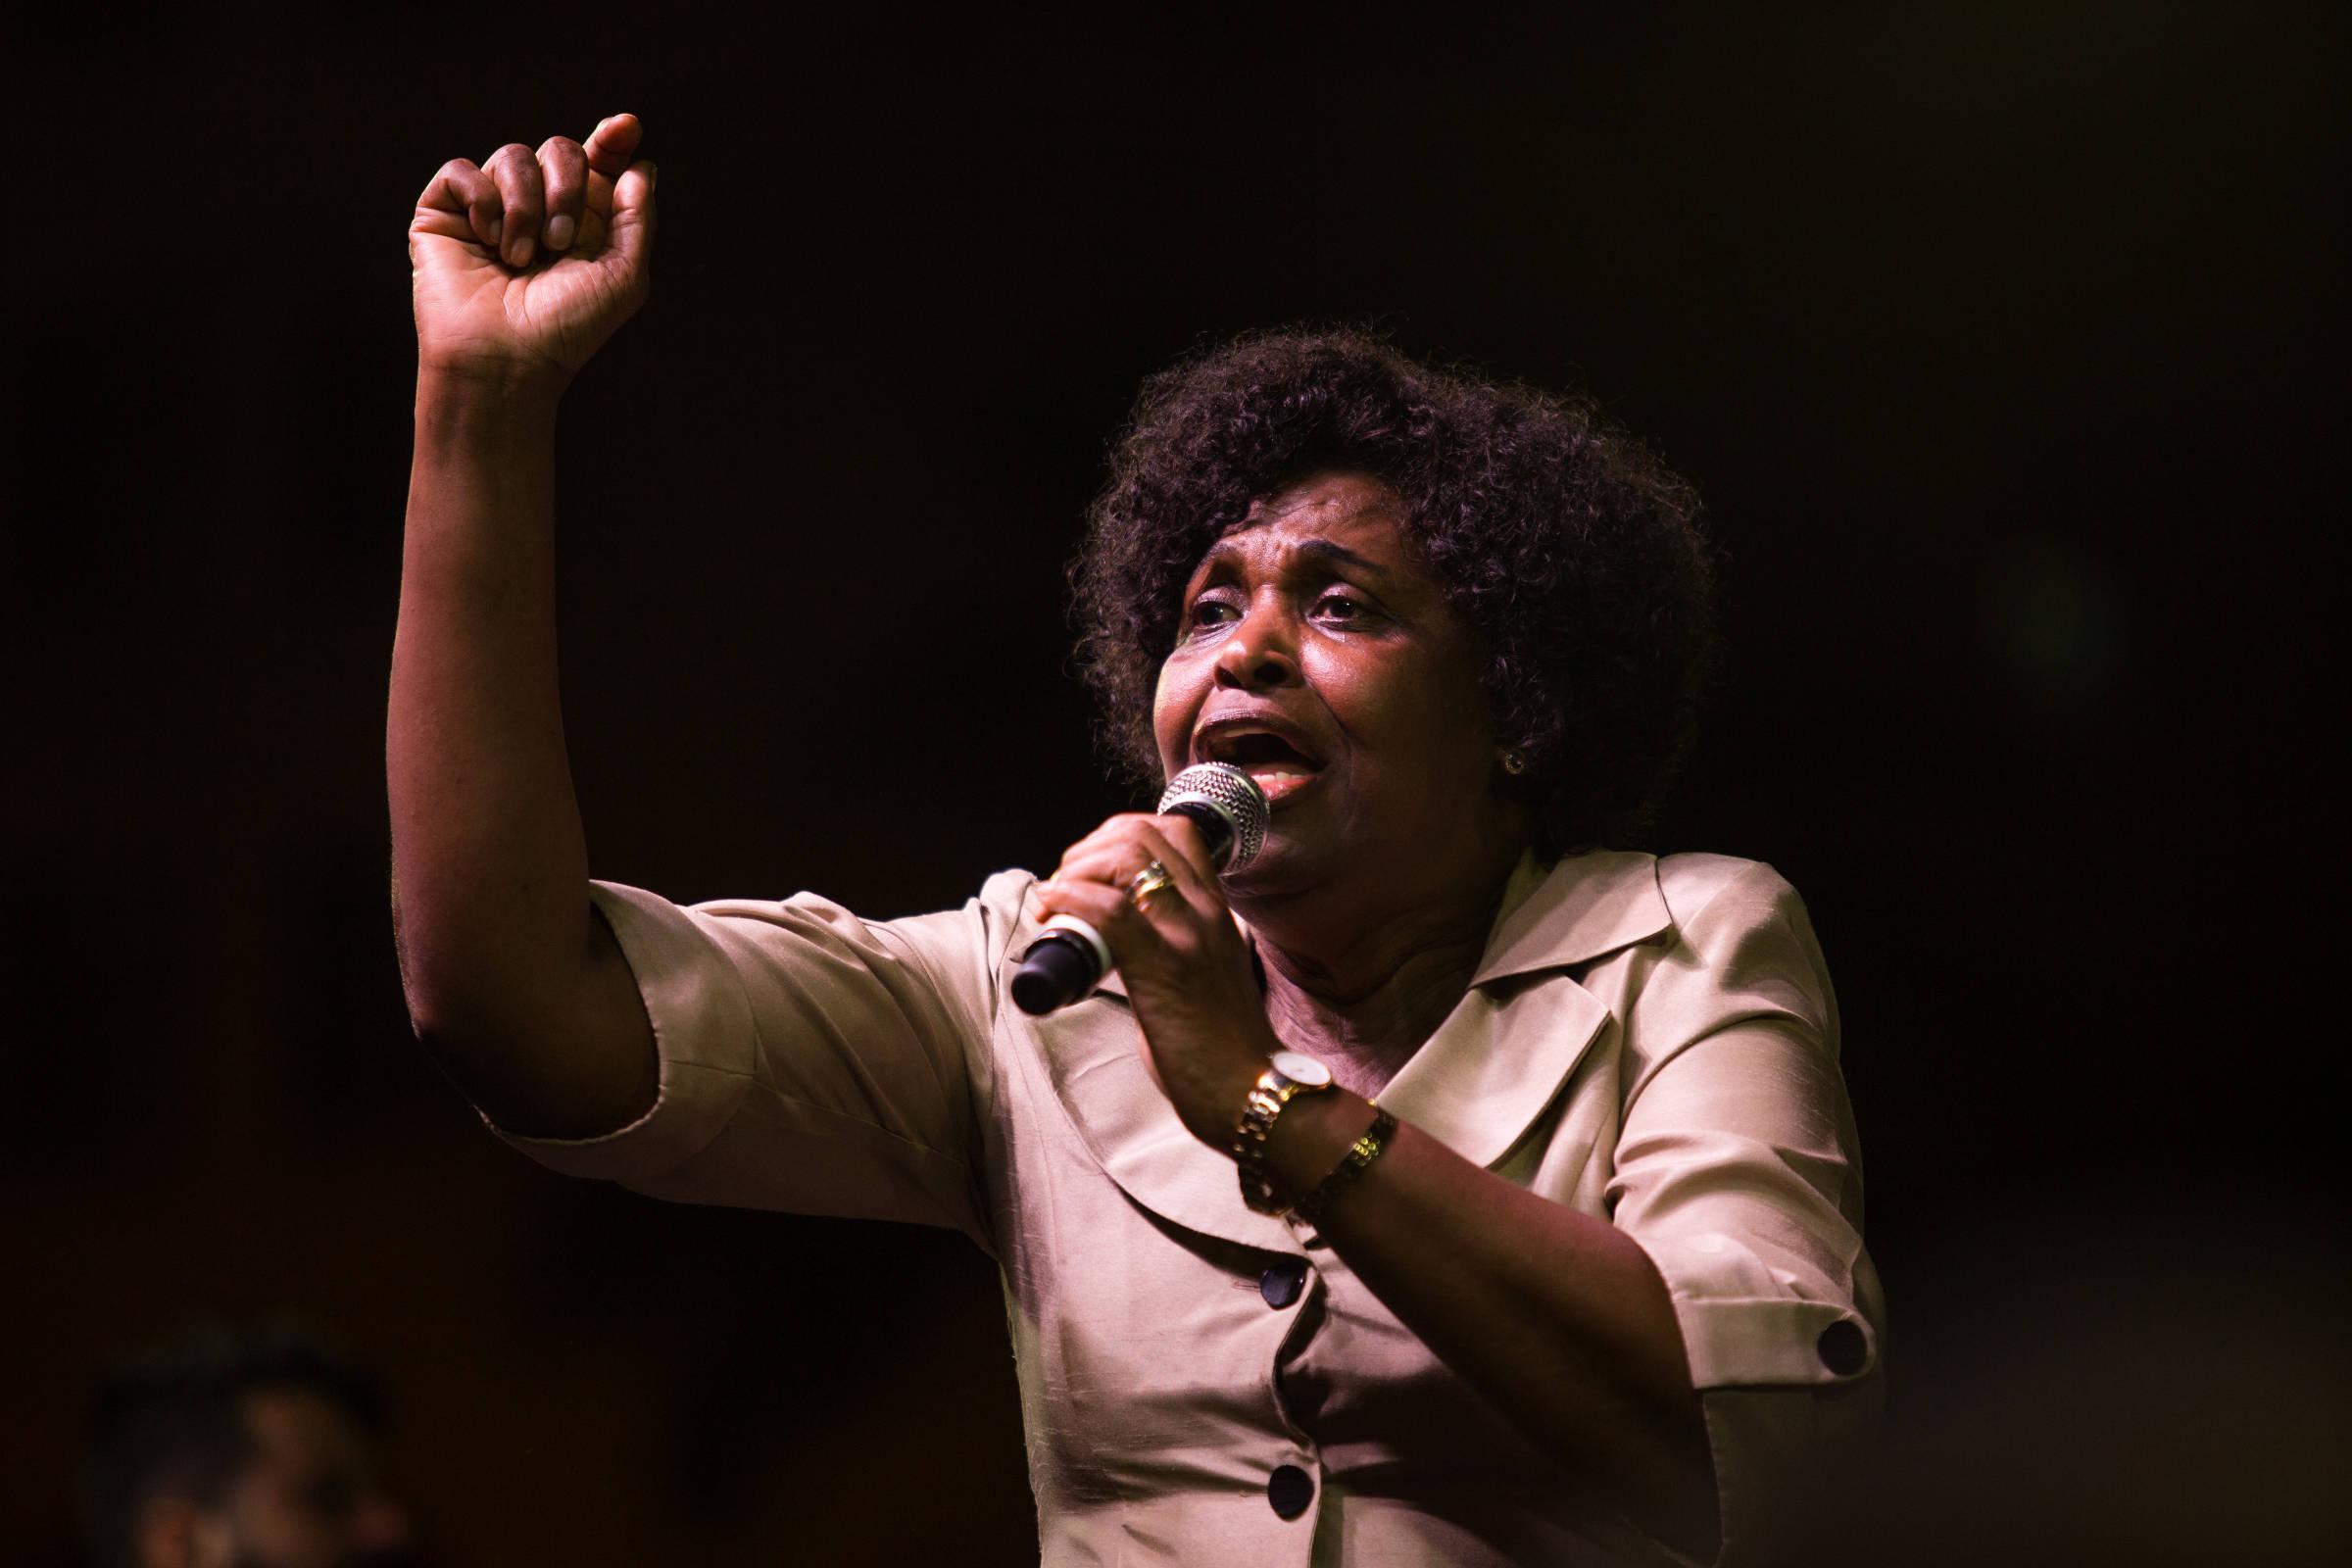 A deputada federal Benedita da Silva (PT-RJ) durante ato na Cinelândia, Rio de Janeiro - Filipe Cordon/Folhapress